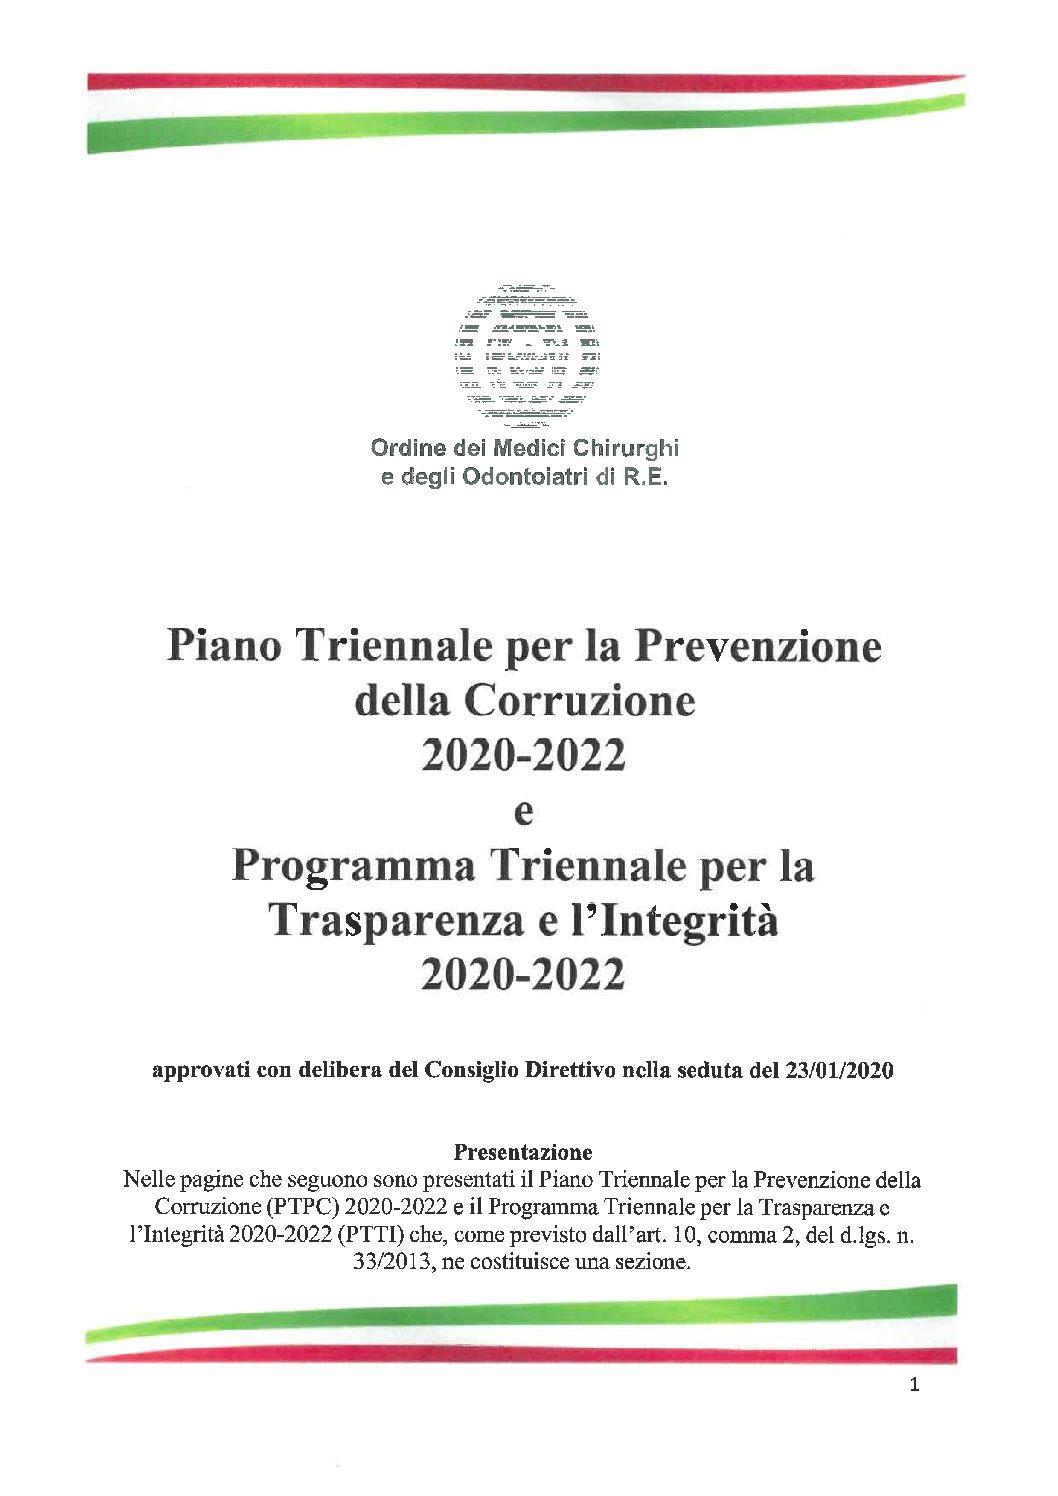 Pubblicazione del Piano Triennale per la Prevenzione della Corruzione e del Programma Triennale per la Trasparenza e l'Integrità 2020/2022